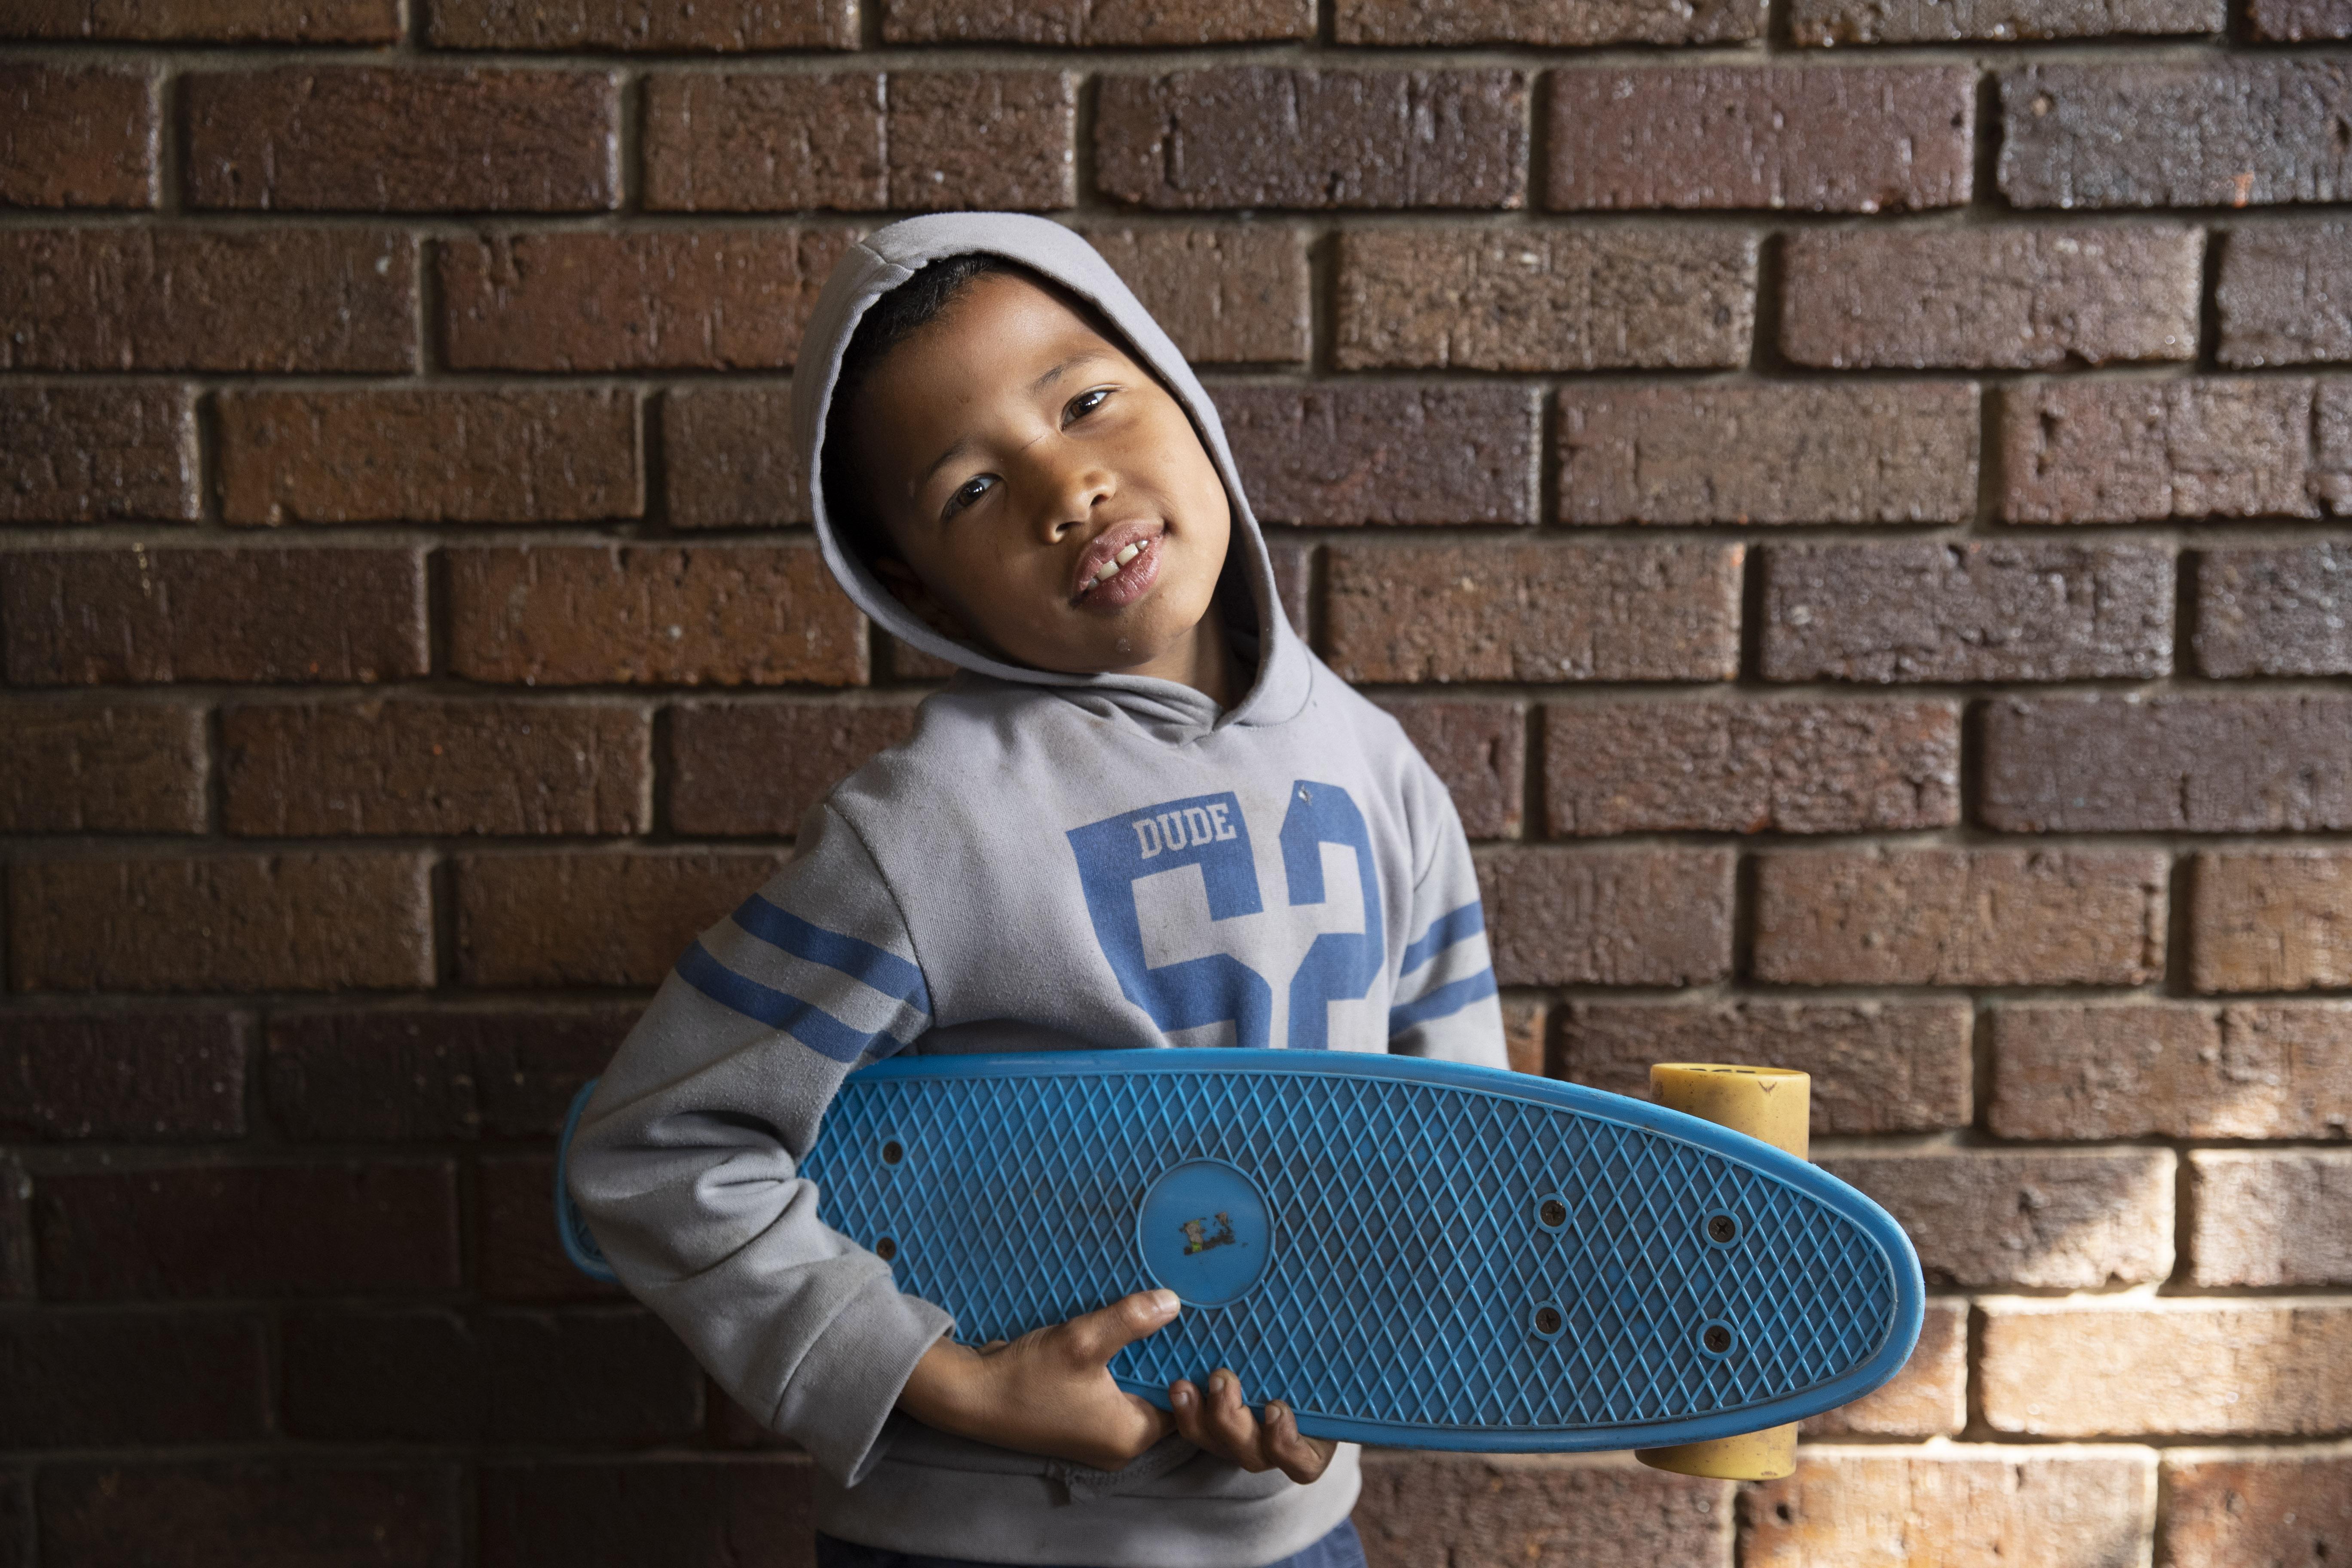 Für den Jungen in der Nachmittagsbetreuung bei HOPE ist sein Skateboard sein wichtigster Besitz.